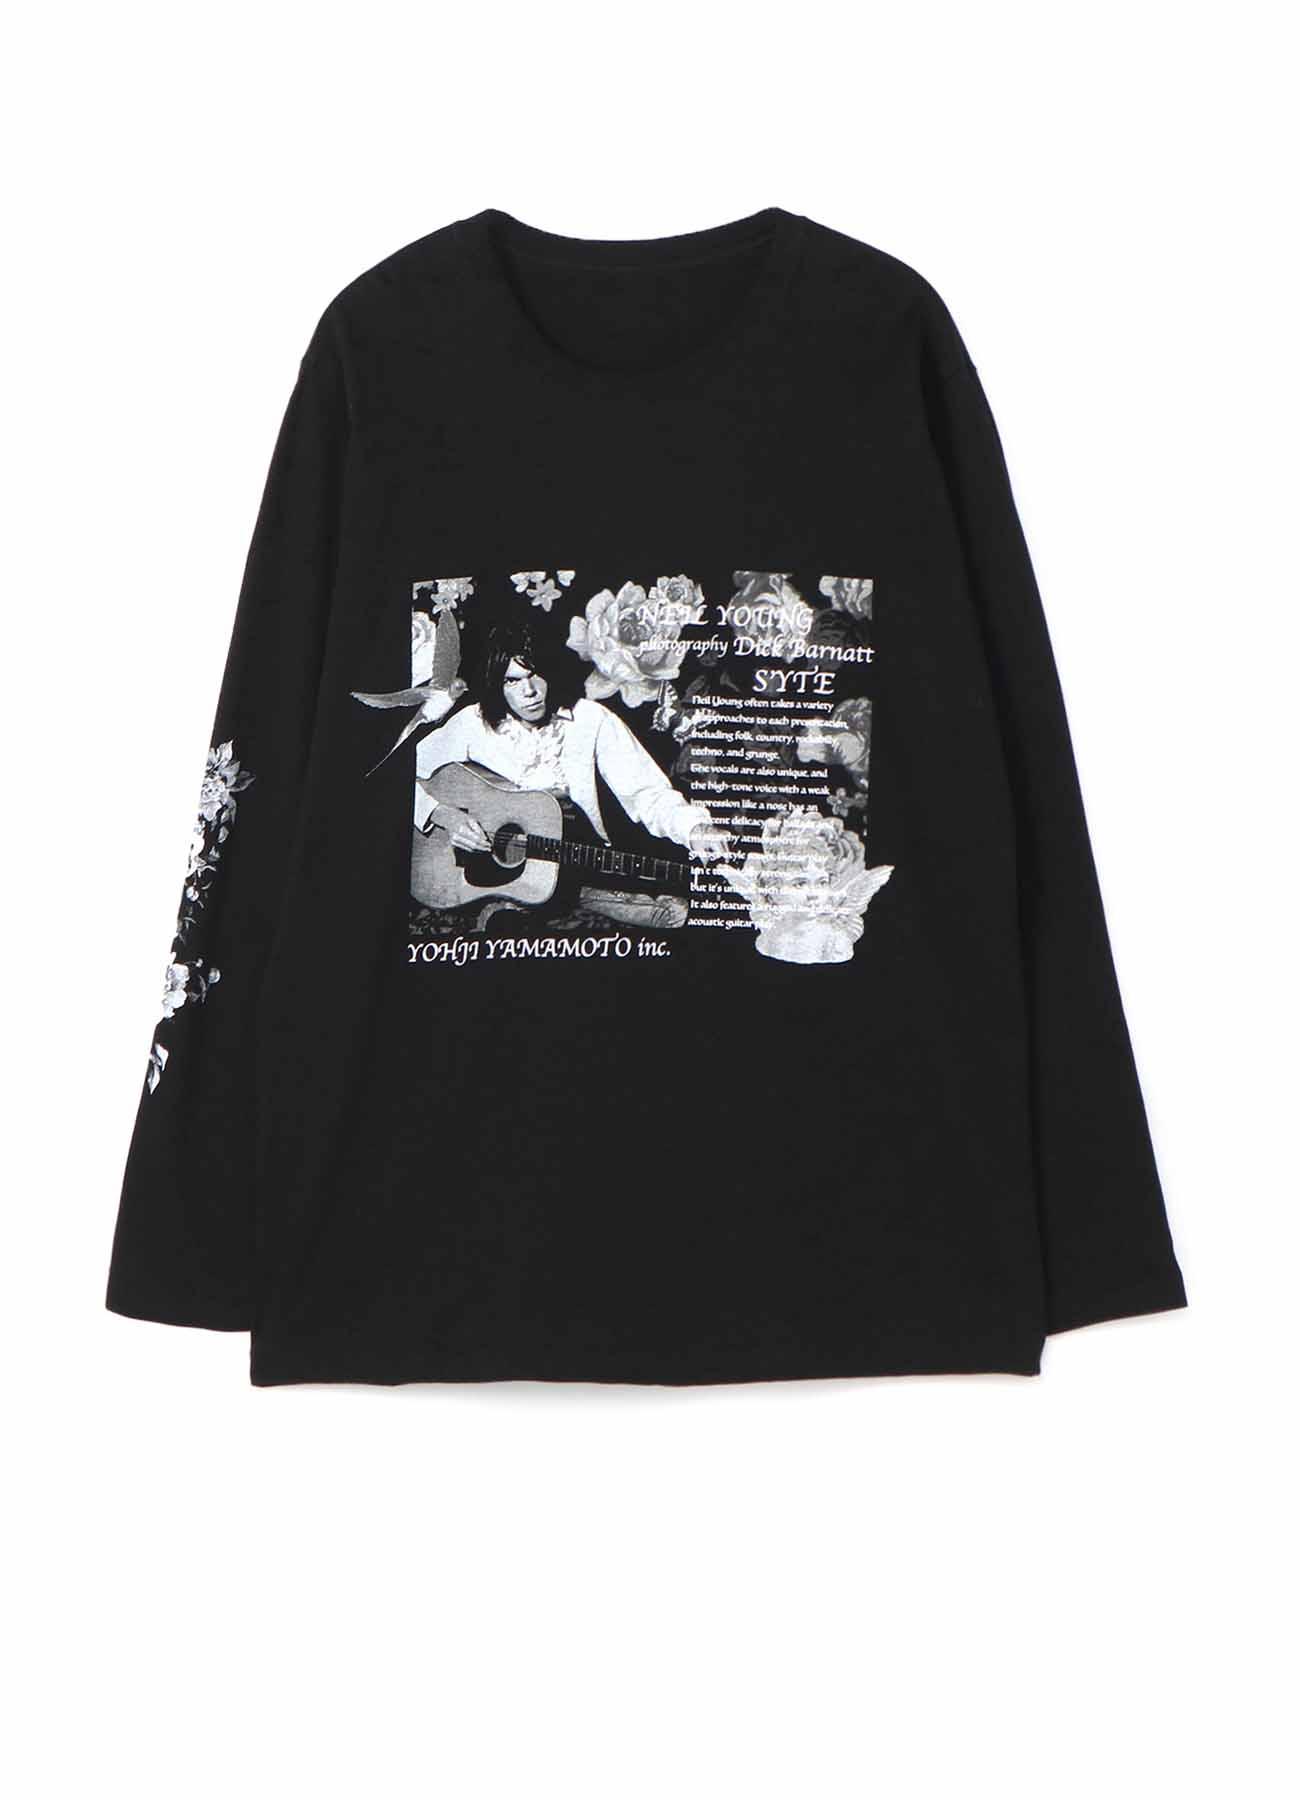 S'YTE × Dick Barnatt / Neil Young Long Sleeve T-shirt